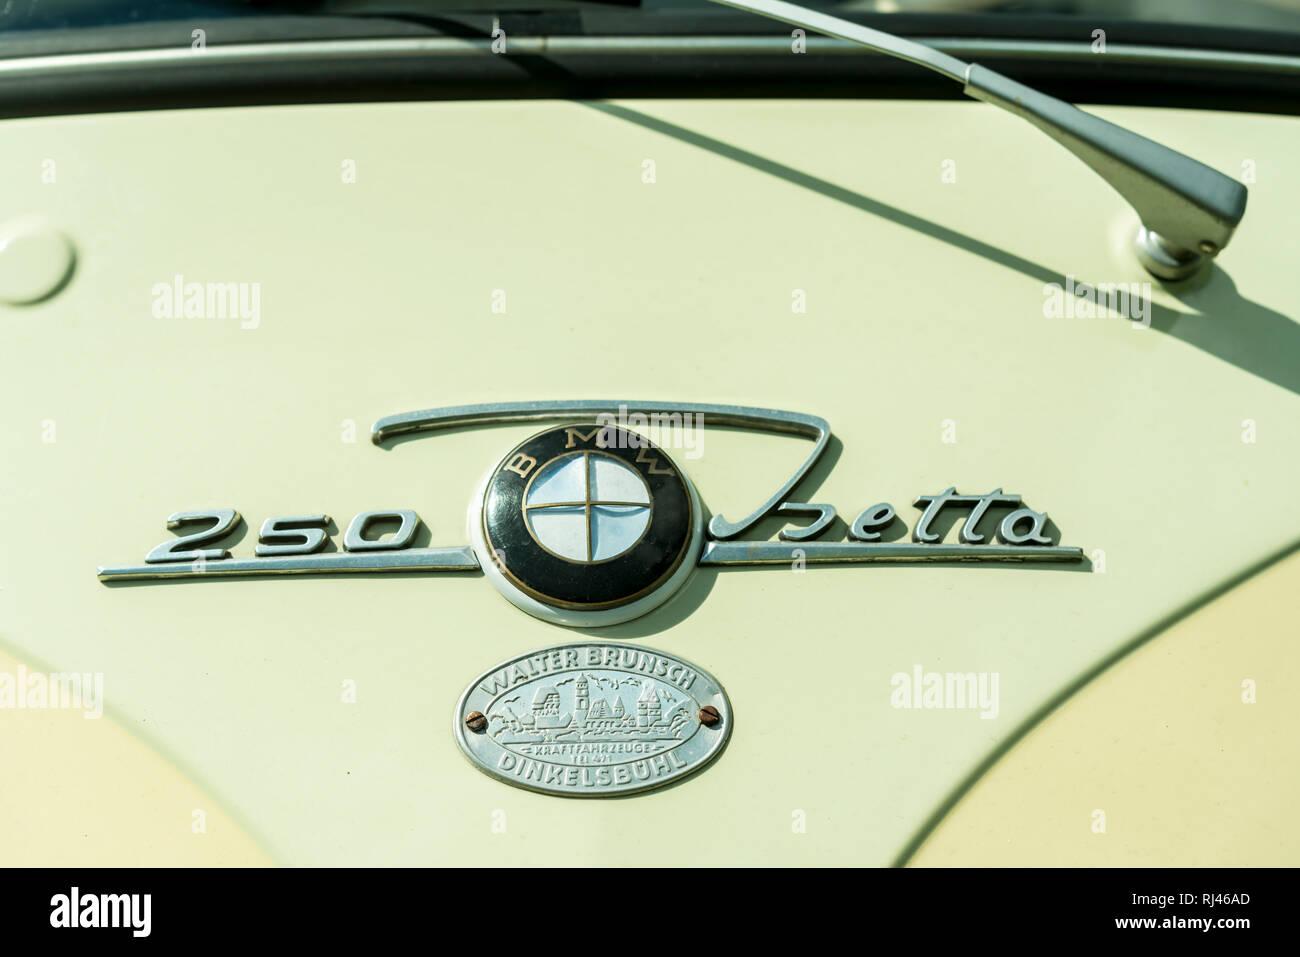 Elsenfeld, Bayern, Deutschland, BMW Isetta, Baujahr 1960, Hubraum 250 ccm, 12 PS, - Stock Image